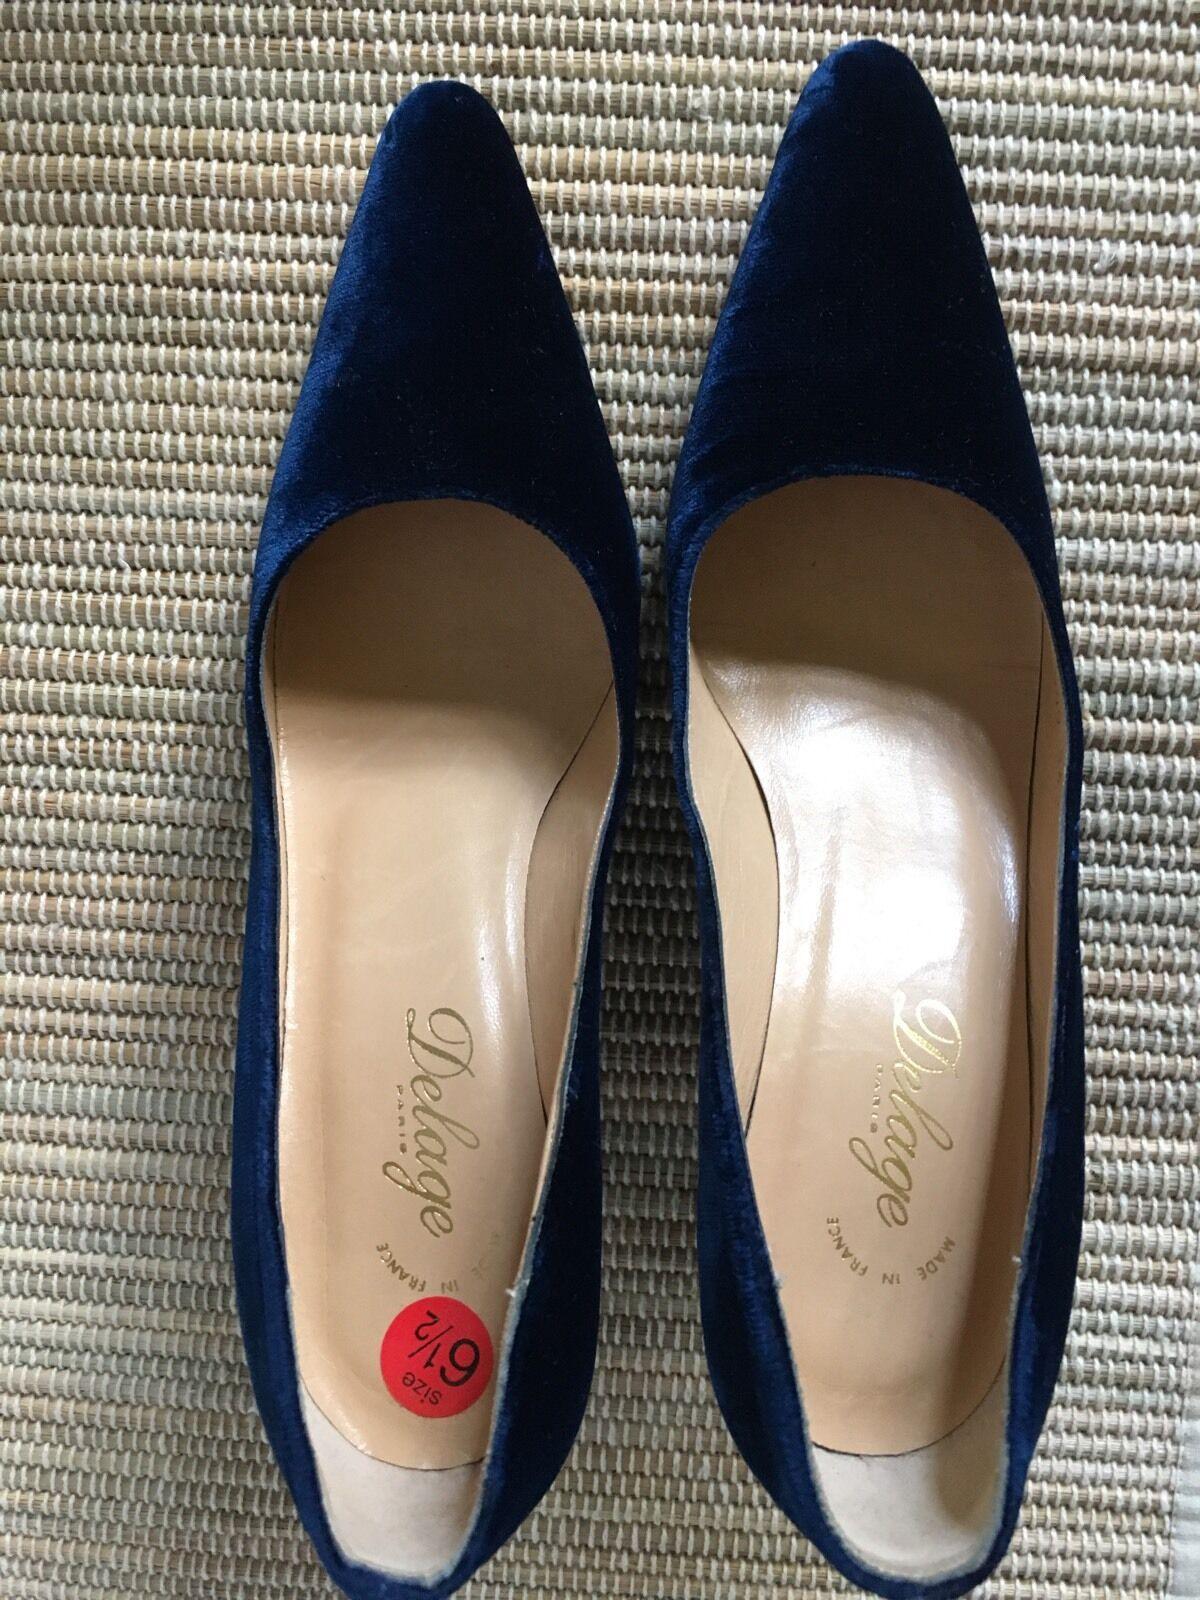 Vackra Vackra Vackra blå sammet Delage Pumpar 36.5 Eller 6.5  upp till 60% rabatt